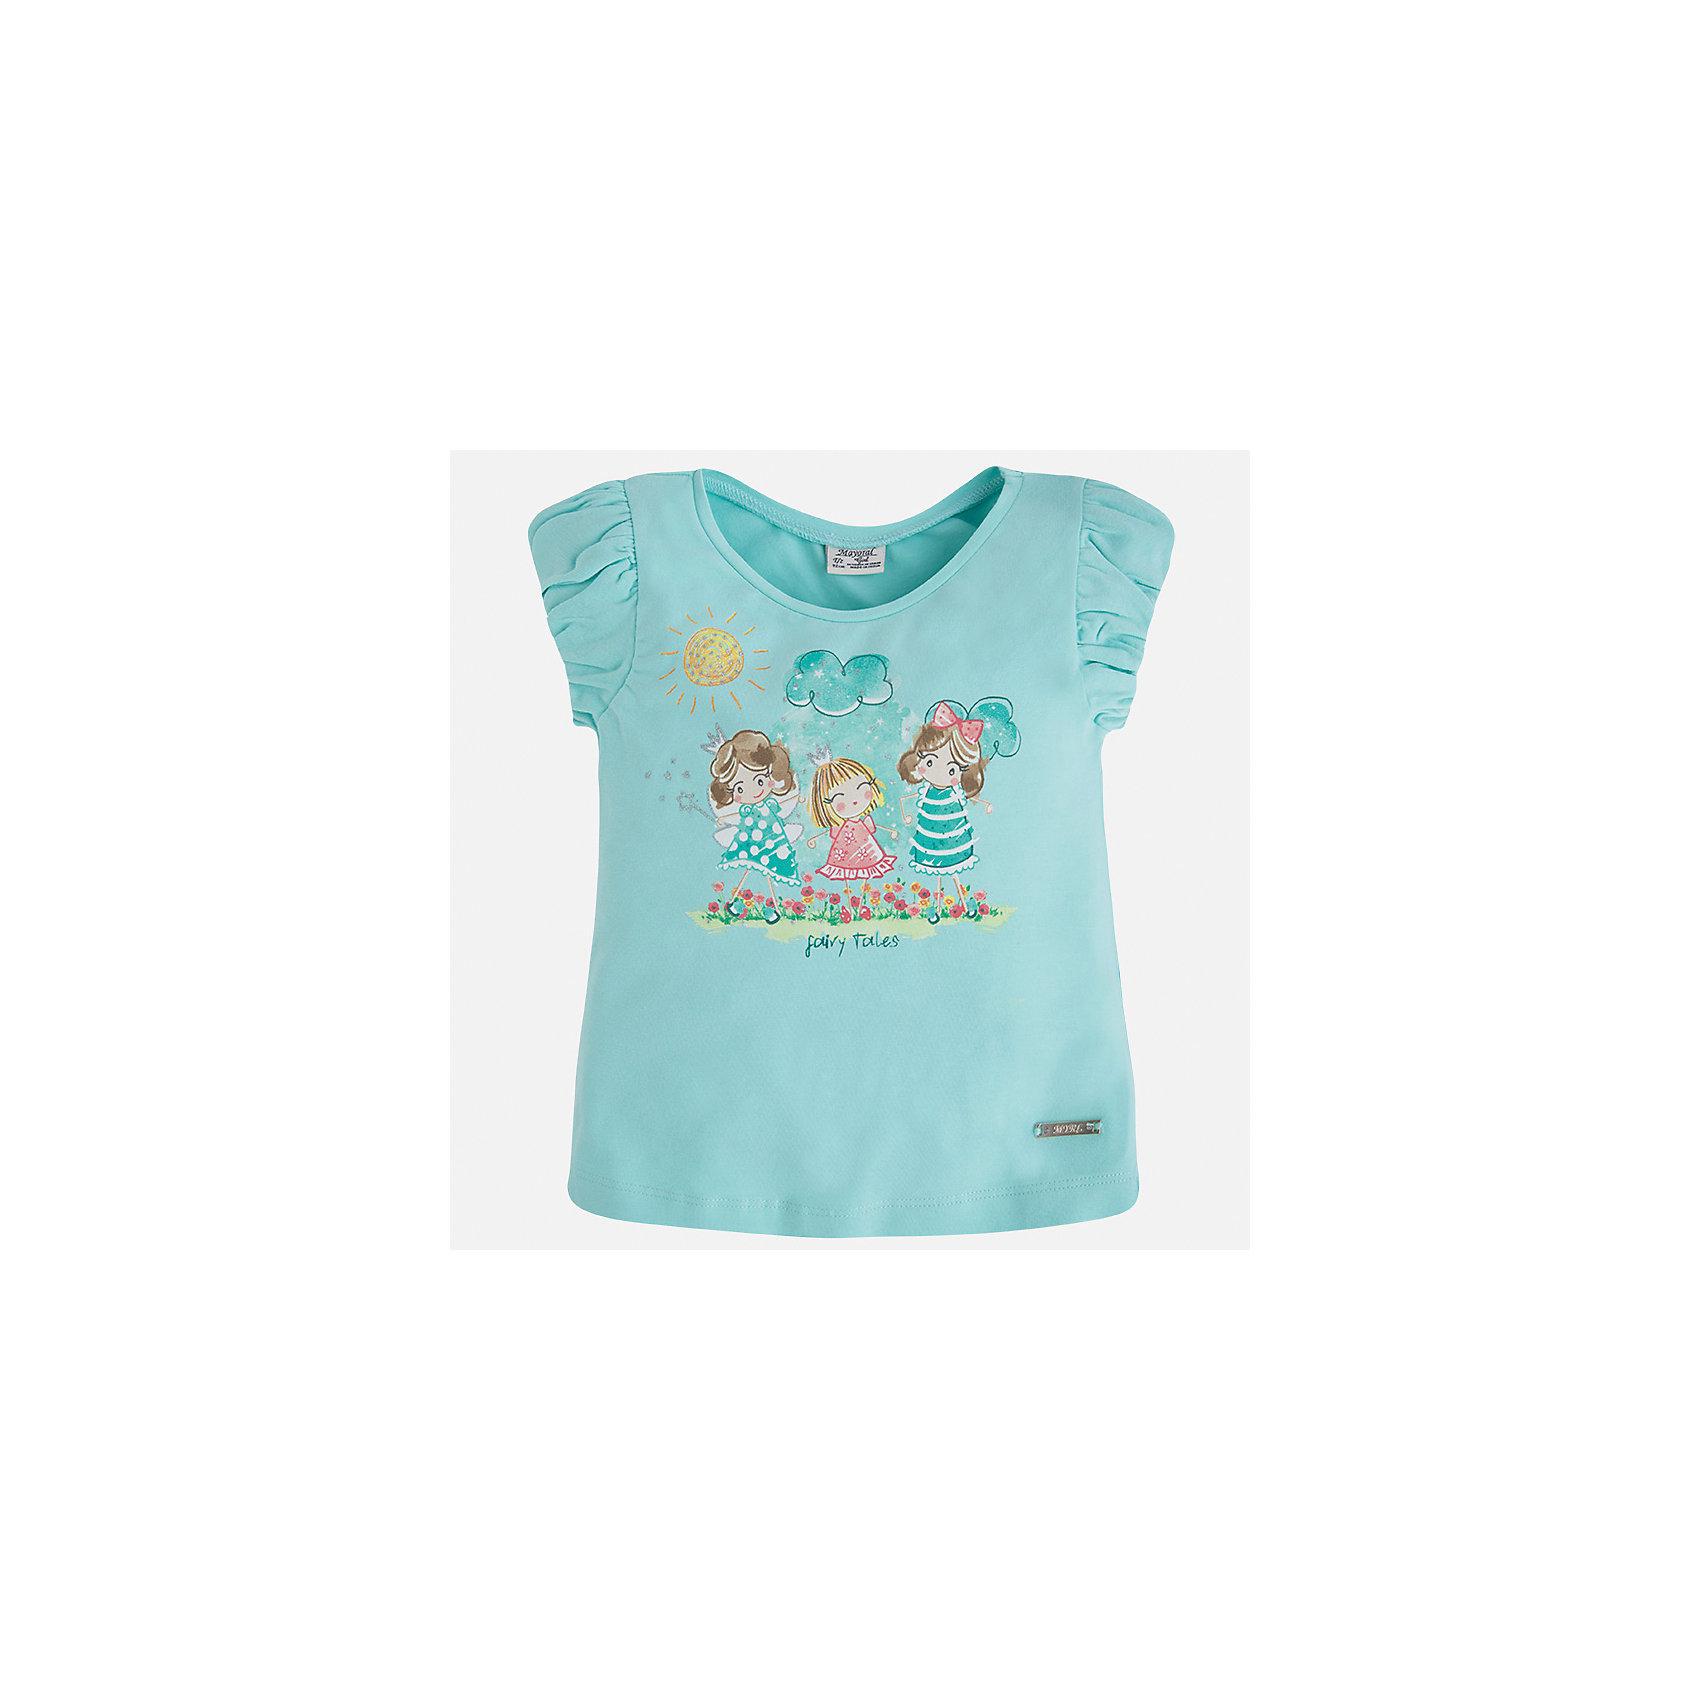 Футболка для девочки MayoralФутболки, поло и топы<br>Характеристики товара:<br><br>• цвет: мятный<br>• состав: 92% хлопок, 8% эластан<br>• принт<br>• объемные рукава<br>• короткие рукава<br>• округлый горловой вырез<br>• страна бренда: Испания<br><br>Стильная качественная футболка для девочки поможет разнообразить гардероб ребенка и украсить наряд. Она отлично сочетается и с юбками, и с шортами, и с брюками. Универсальный цвет позволяет подобрать к вещи низ практически любой расцветки. Интересная отделка модели делает её нарядной и оригинальной. В составе ткани преобладает натуральный хлопок, гипоаллергенный, приятный на ощупь, дышащий.<br><br>Одежда, обувь и аксессуары от испанского бренда Mayoral полюбились детям и взрослым по всему миру. Модели этой марки - стильные и удобные. Для их производства используются только безопасные, качественные материалы и фурнитура. Порадуйте ребенка модными и красивыми вещами от Mayoral! <br><br>Футболку для девочки от испанского бренда Mayoral (Майорал) можно купить в нашем интернет-магазине.<br><br>Ширина мм: 199<br>Глубина мм: 10<br>Высота мм: 161<br>Вес г: 151<br>Цвет: голубой<br>Возраст от месяцев: 18<br>Возраст до месяцев: 24<br>Пол: Женский<br>Возраст: Детский<br>Размер: 92,134,104,98,110,116,122,128<br>SKU: 5289262